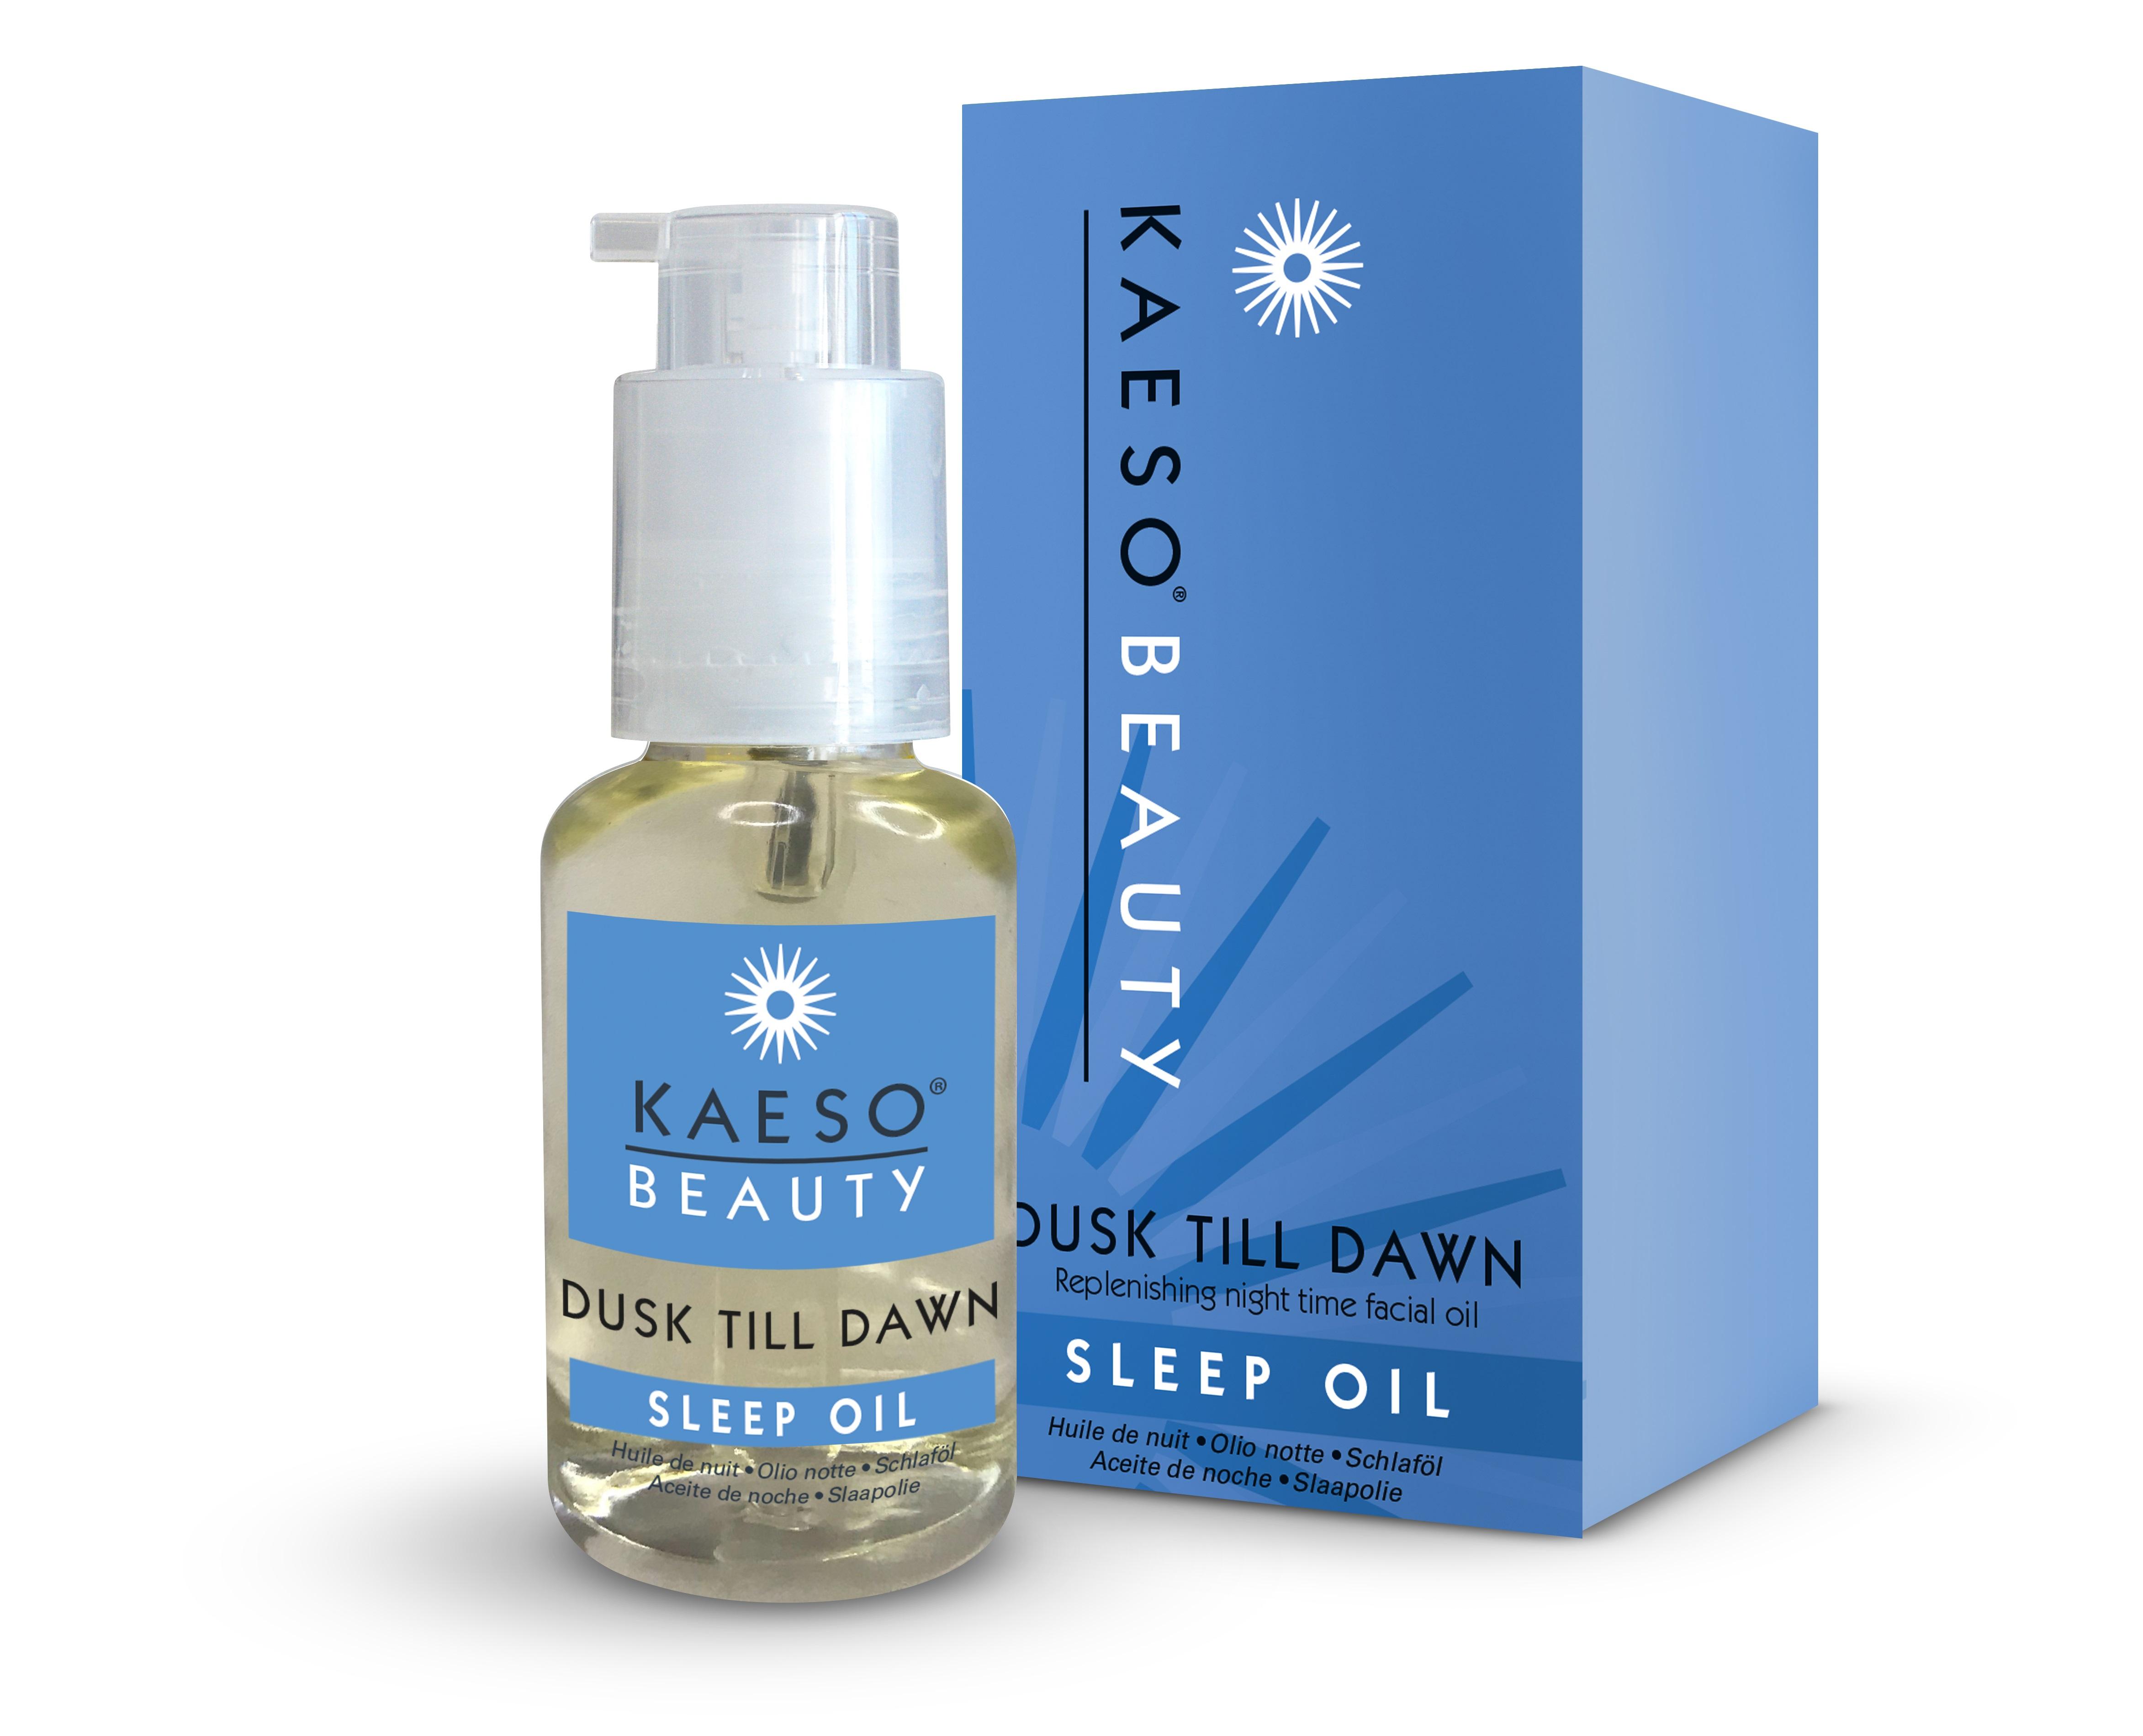 Kaeso Dusk Till Dawn Sleep Oil